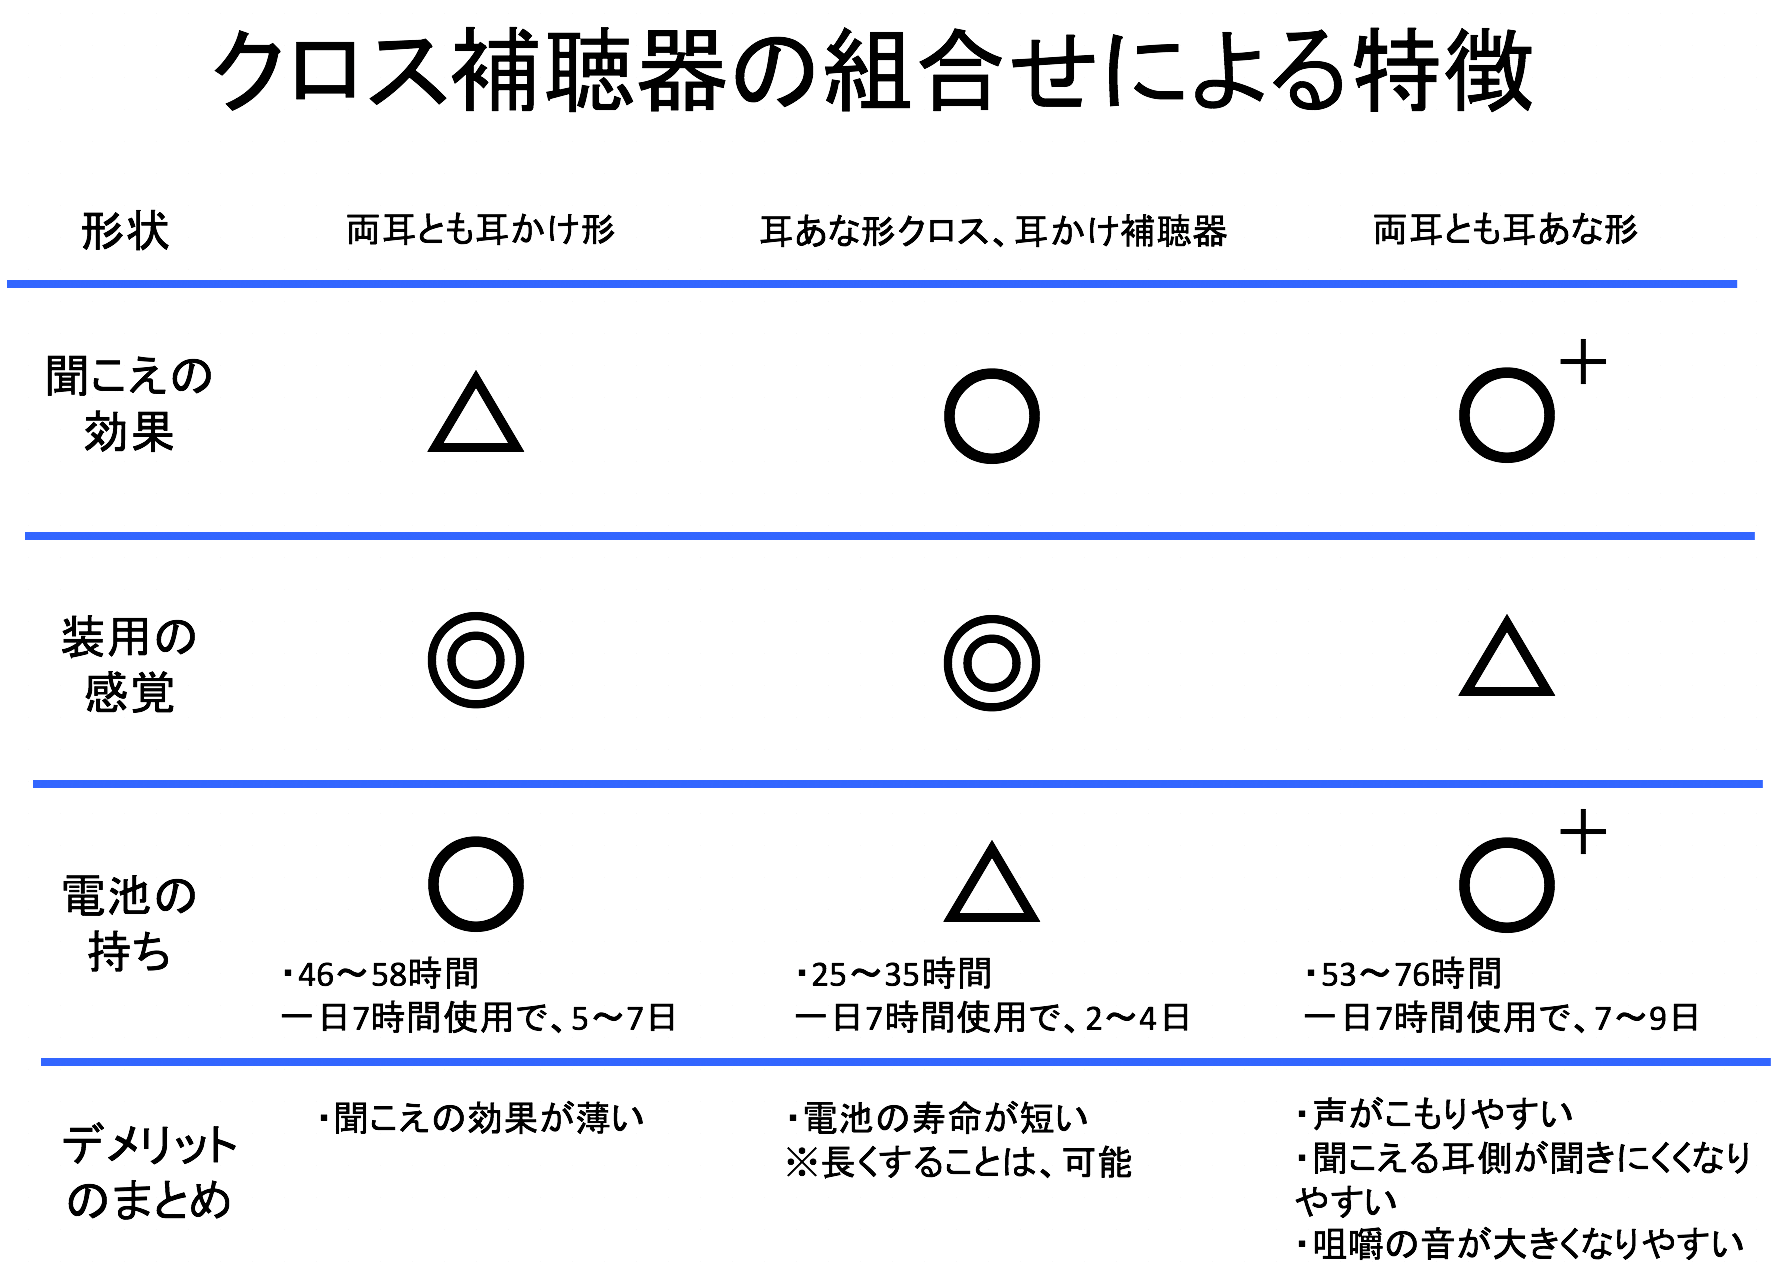 それぞれの組み合わせのポイント表。組み合わせが異なれば特徴も、異なる。